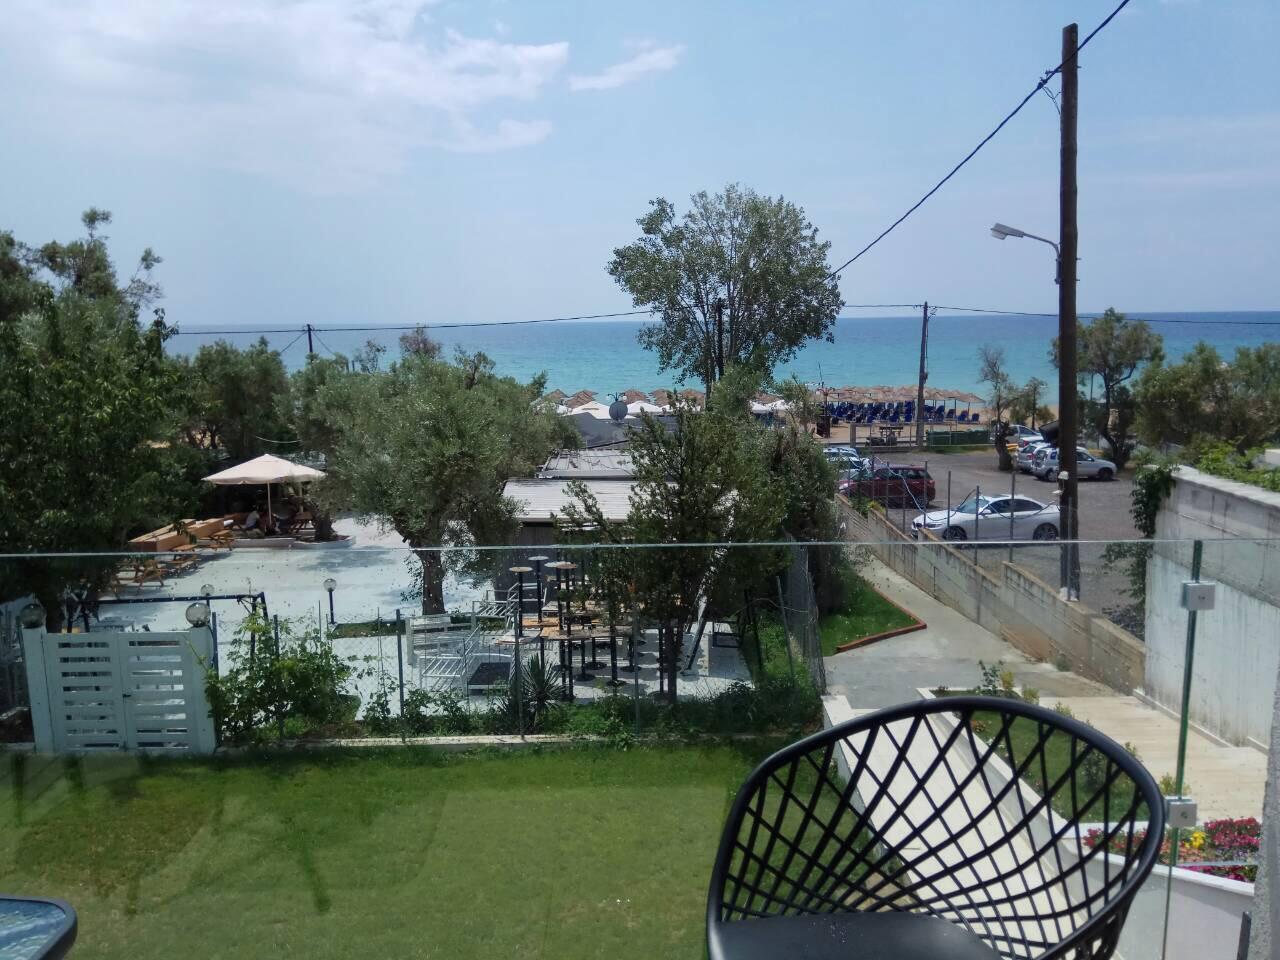 Grcka hoteli letovanje, Halkidiki, Nea Mudania,Katrin Luxury studios,pogled ka moru